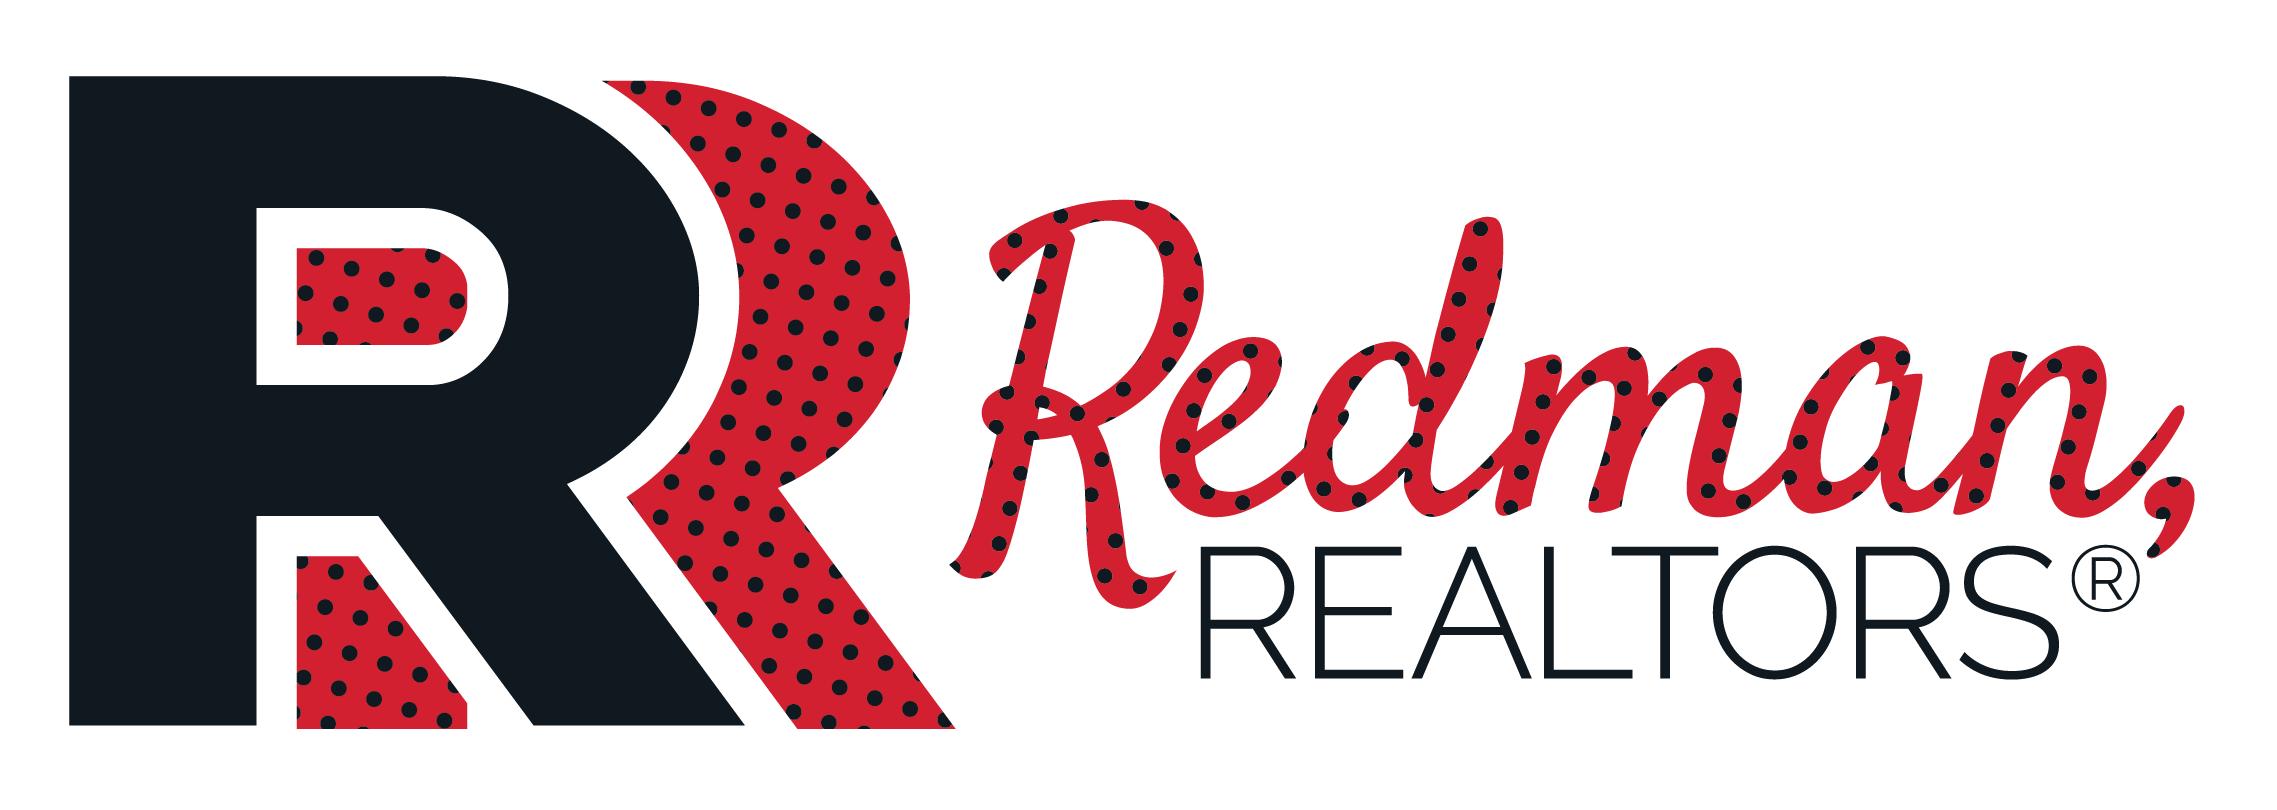 Redman, REALTORS®